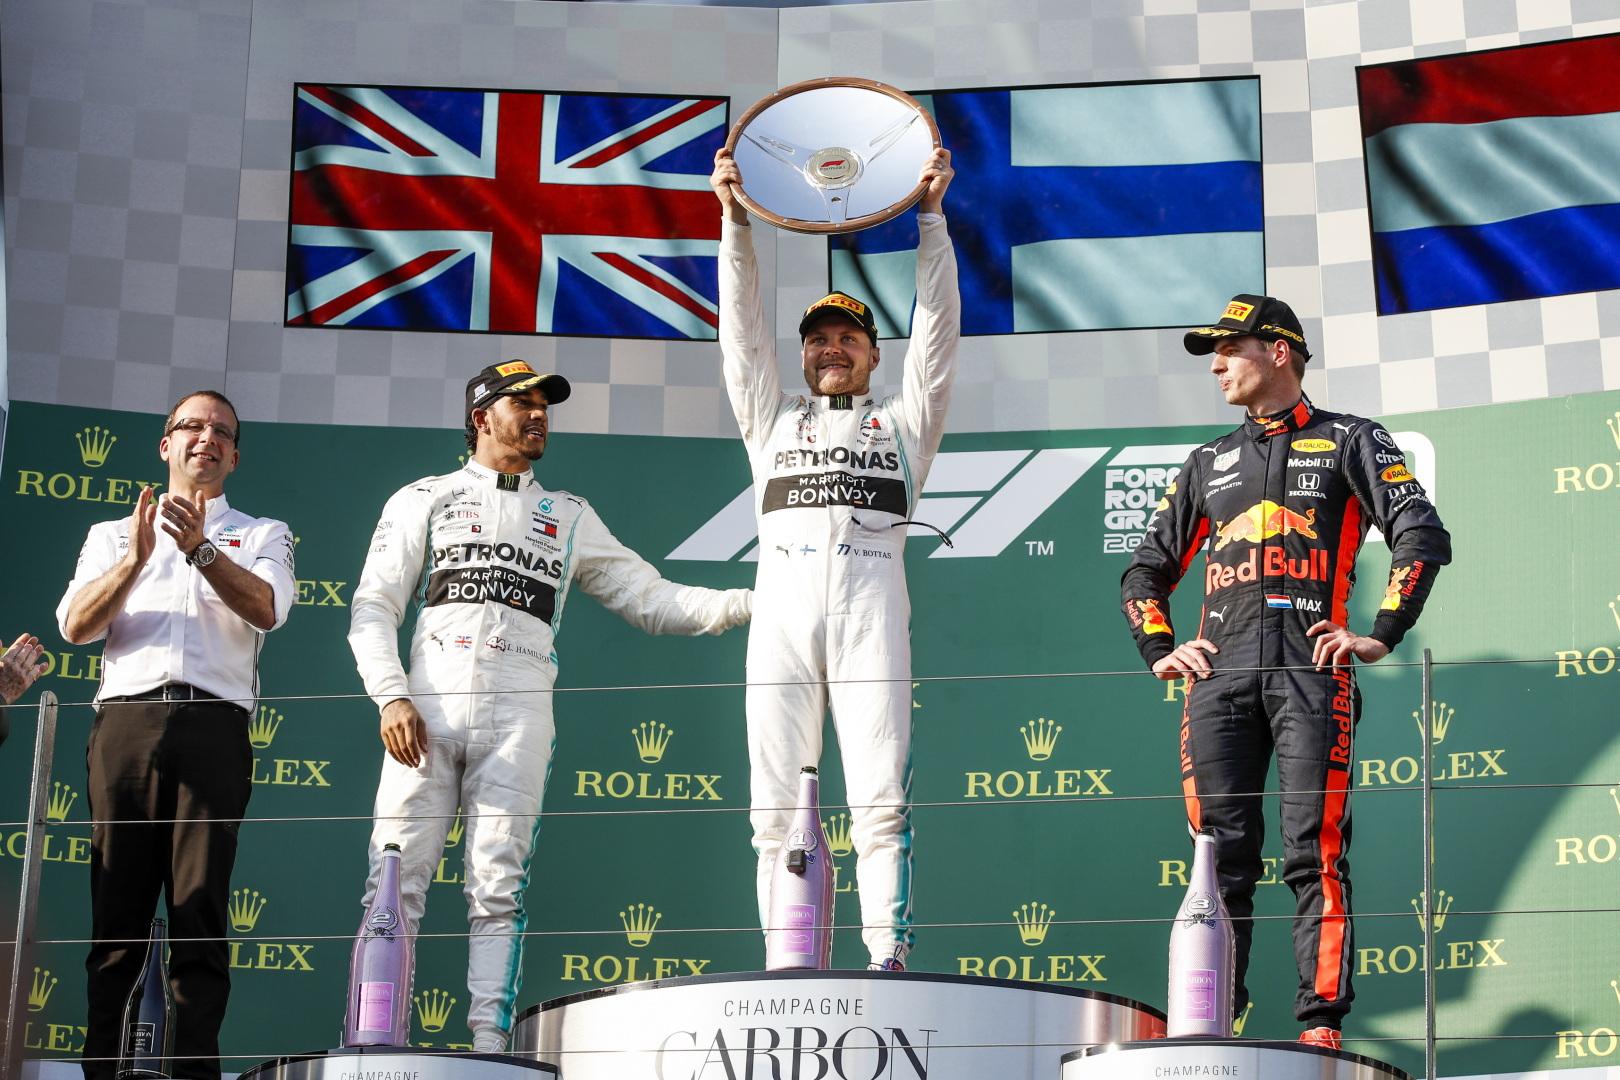 Pirmose sezono lenktynėse - V. Botto triumfas